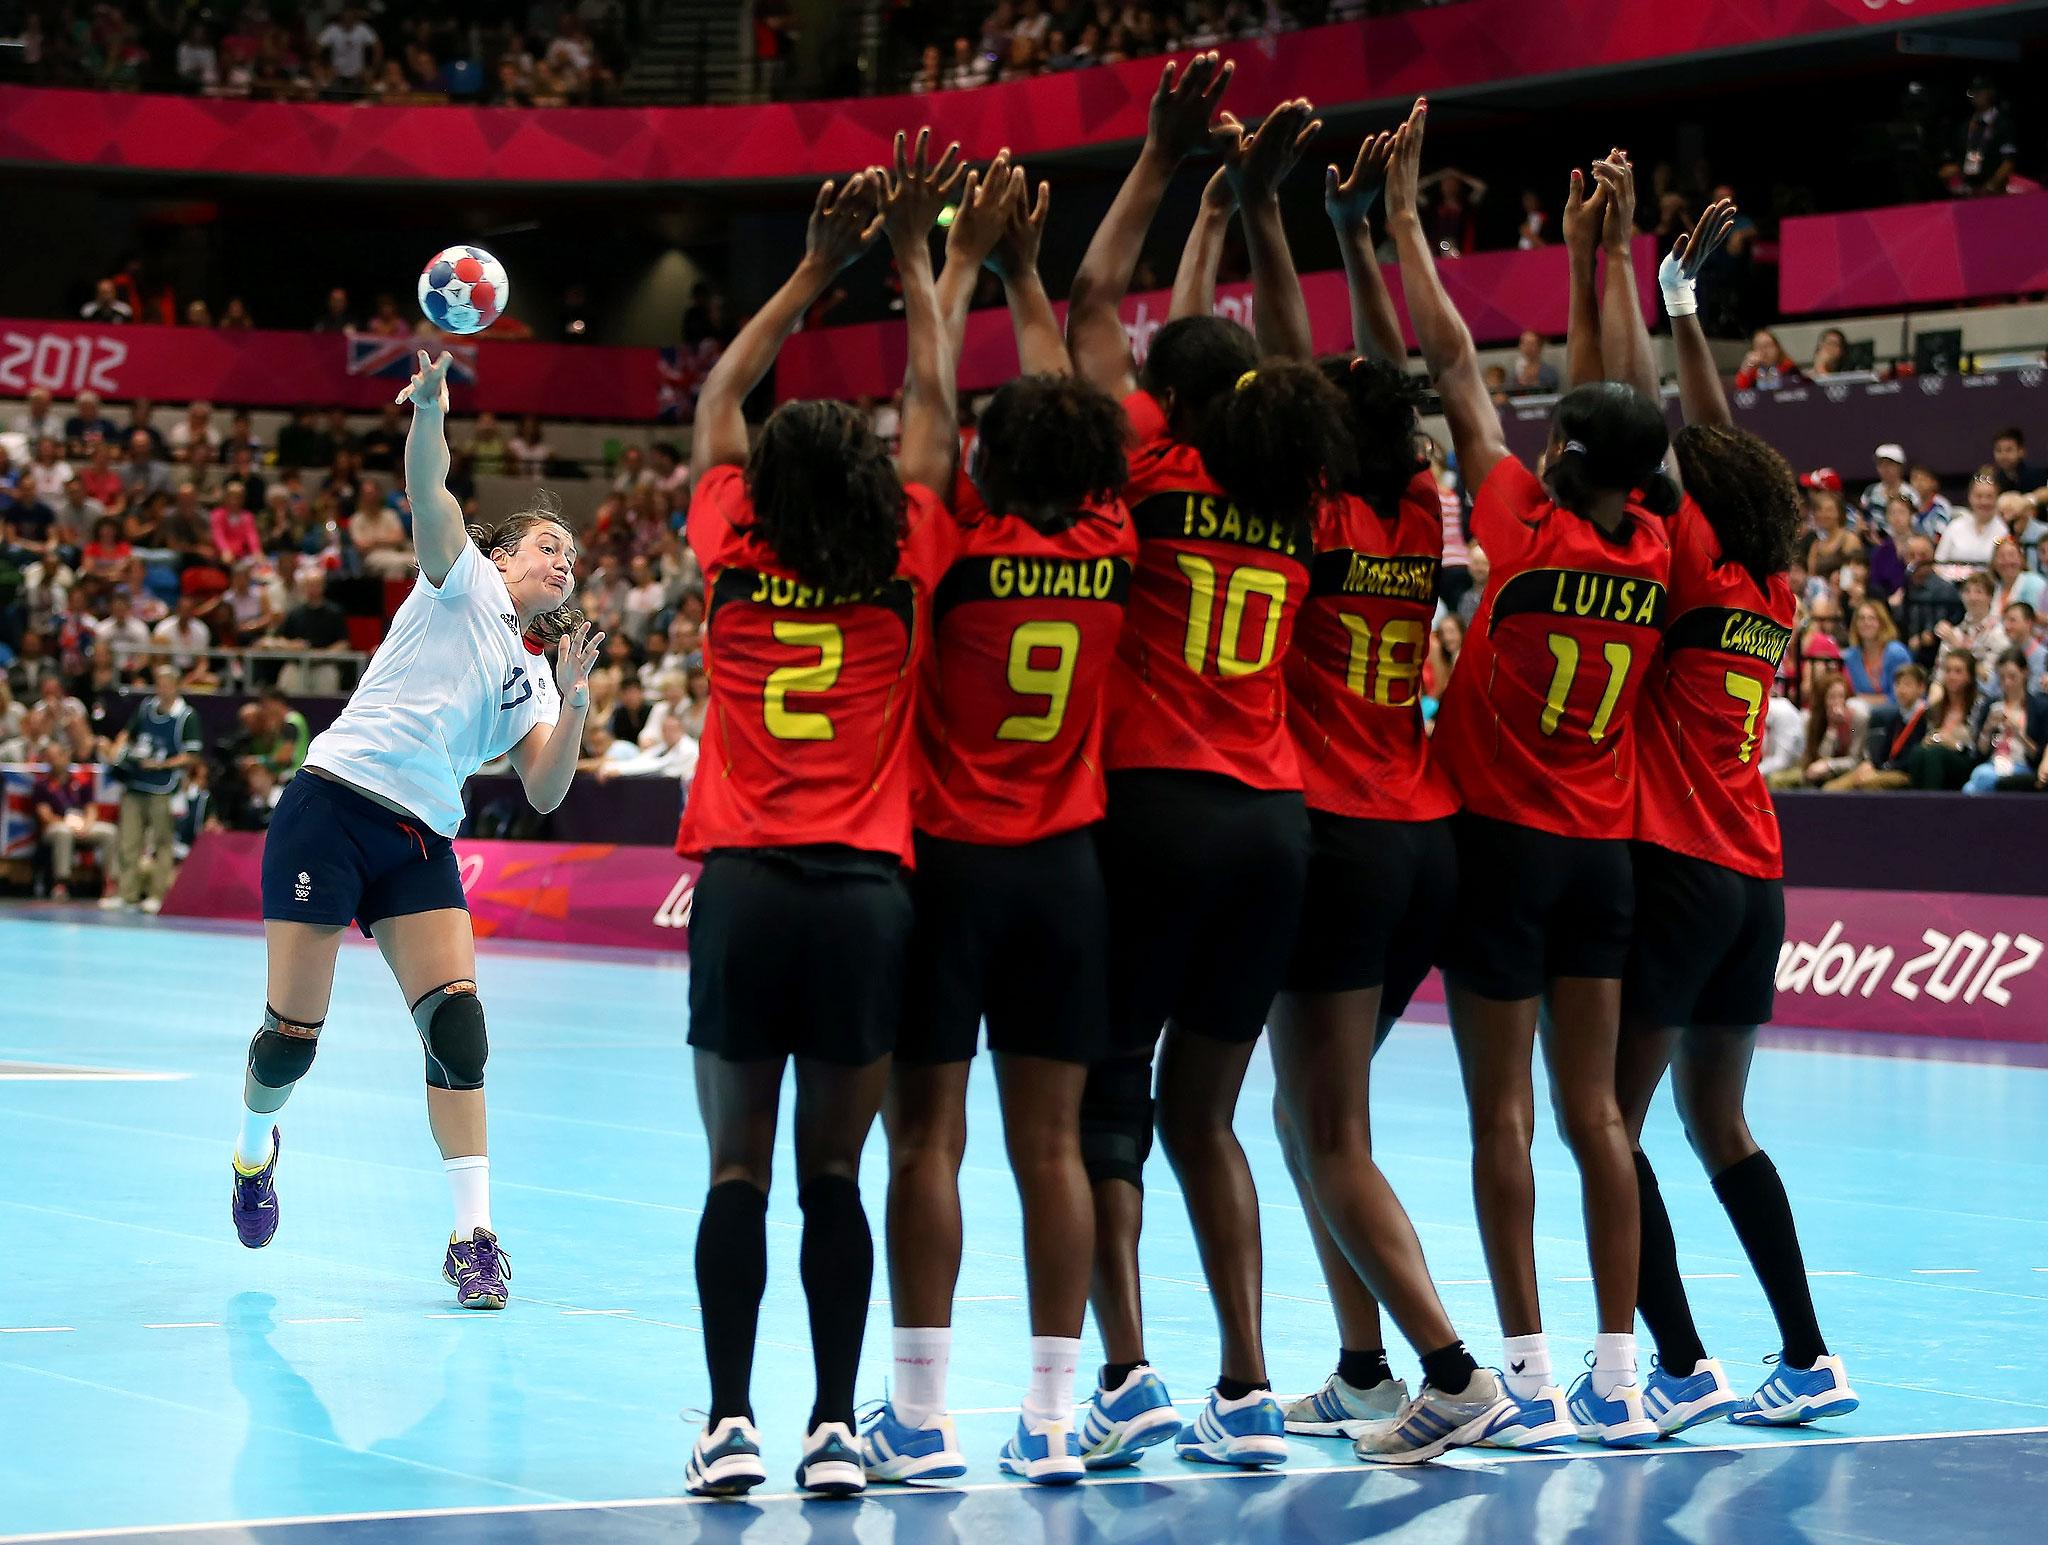 Ewa Palies faces Angola defenders